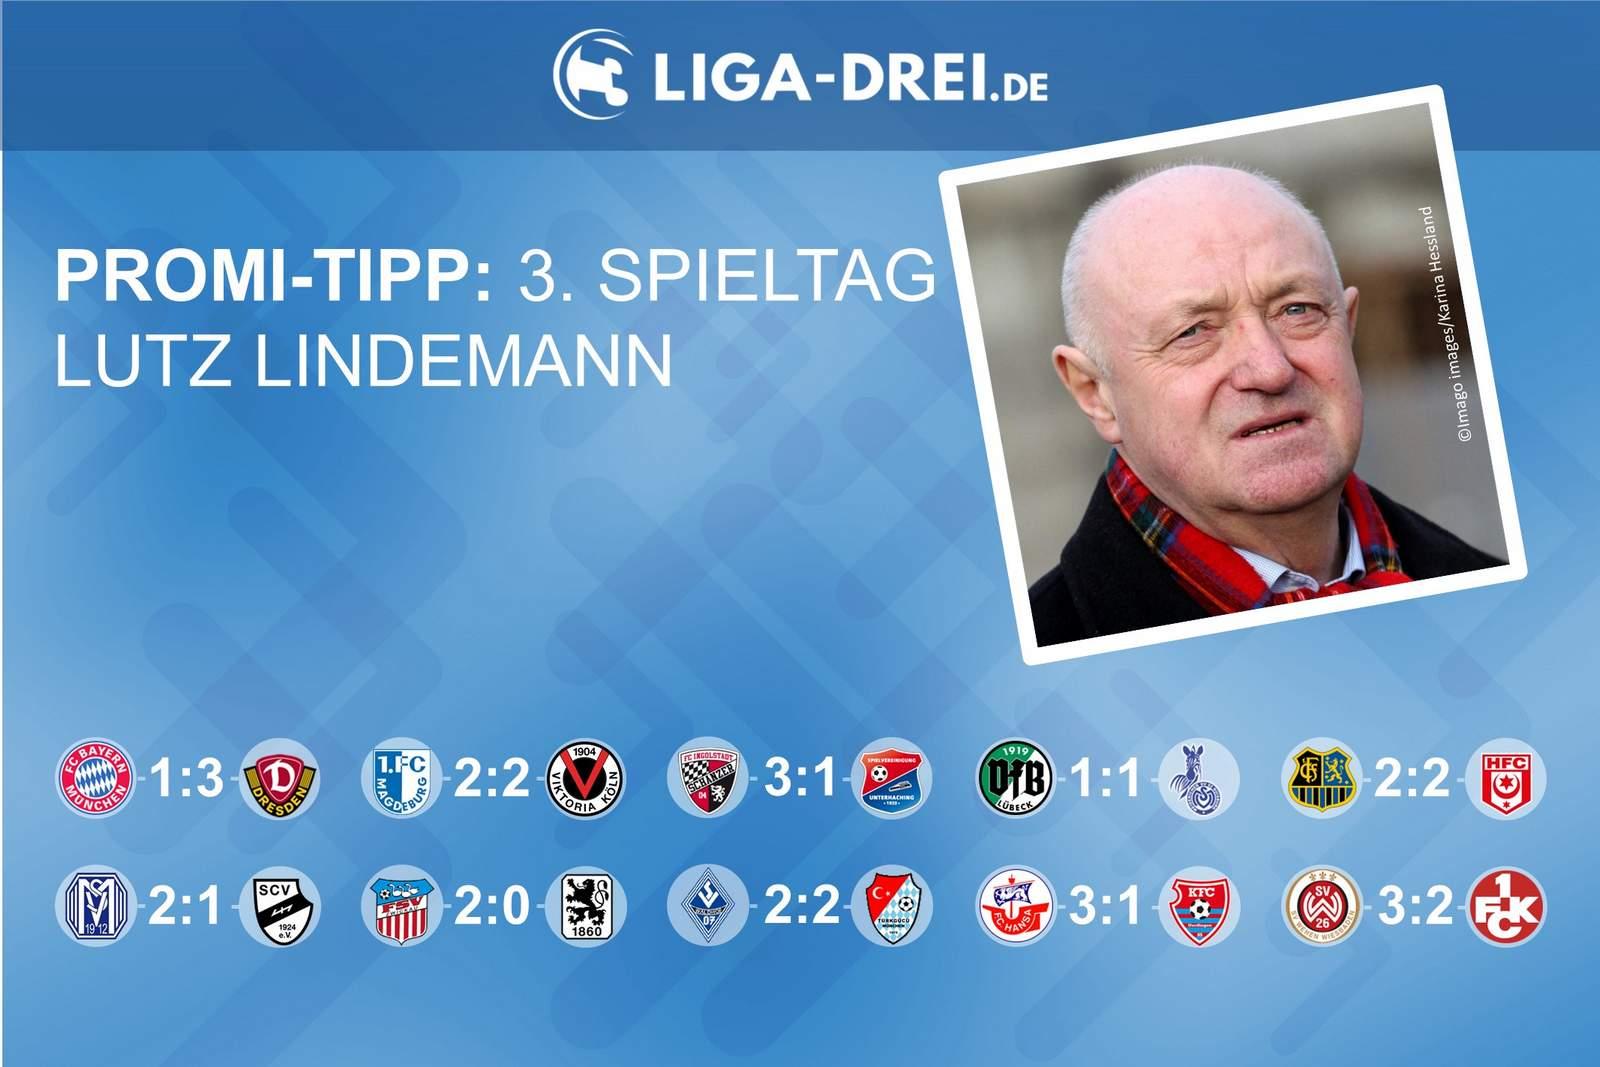 Lutz Lindemann beim Promi-Tipp